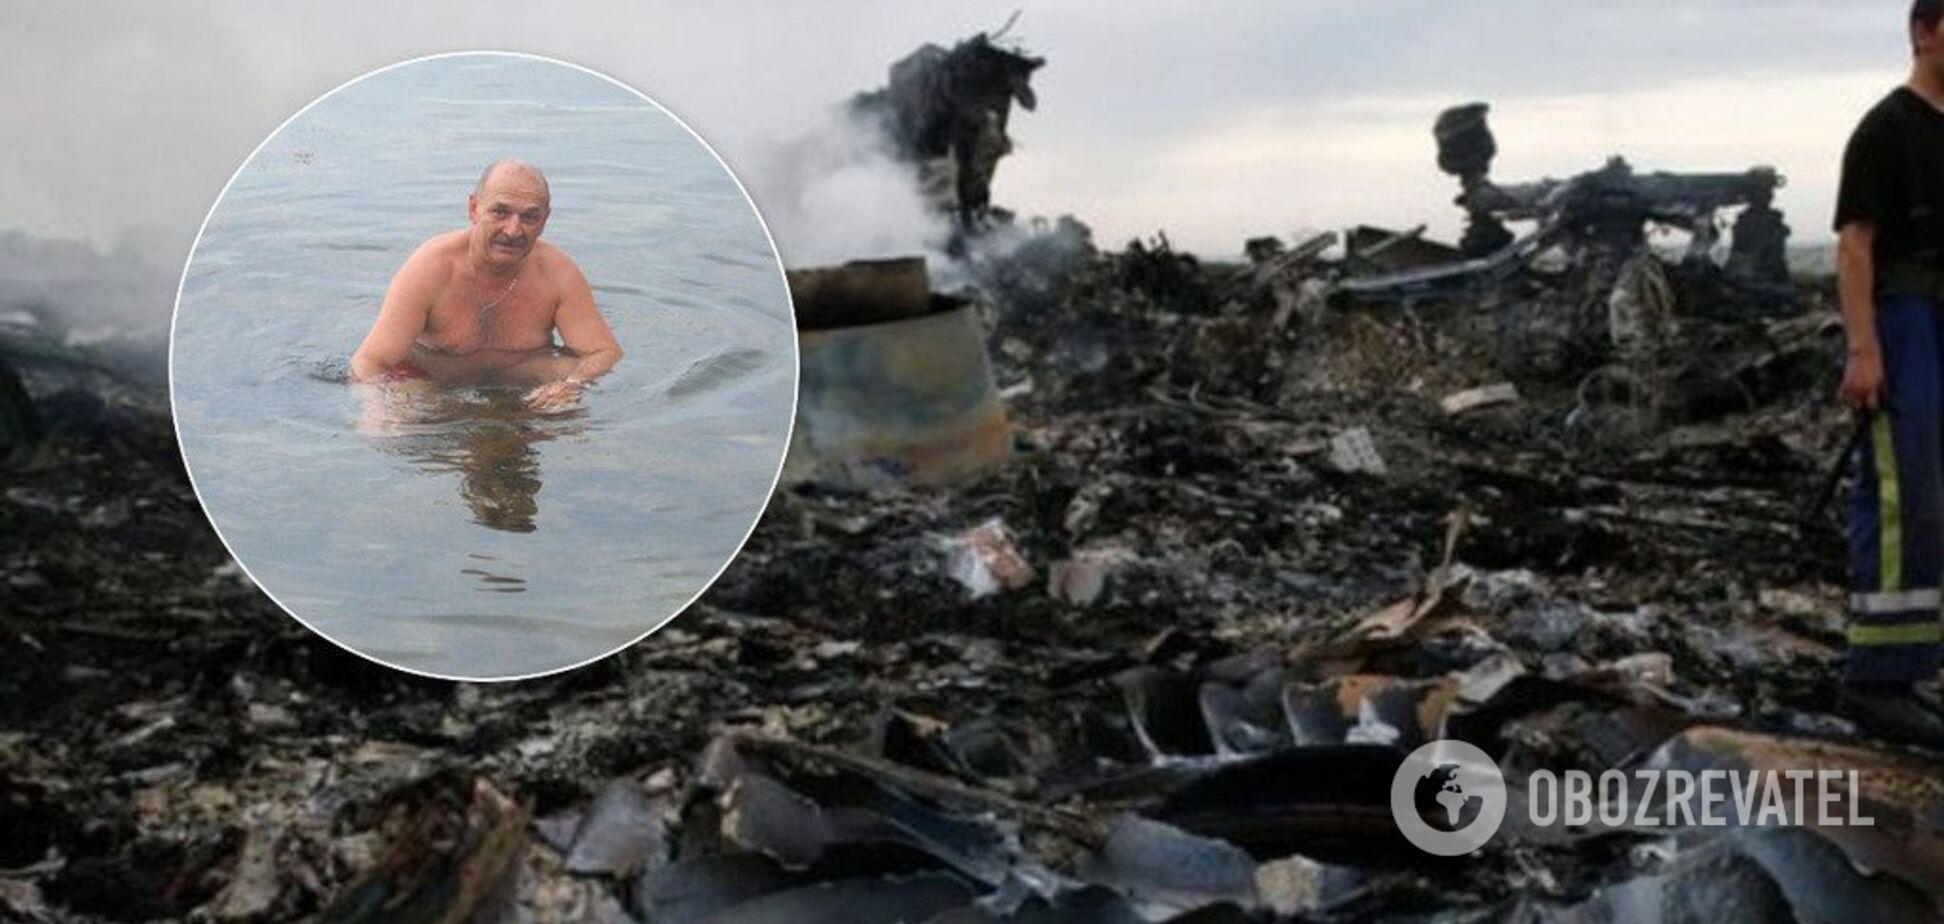 'Козир' Путіна: хто такий Цемах і навіщо він Росії